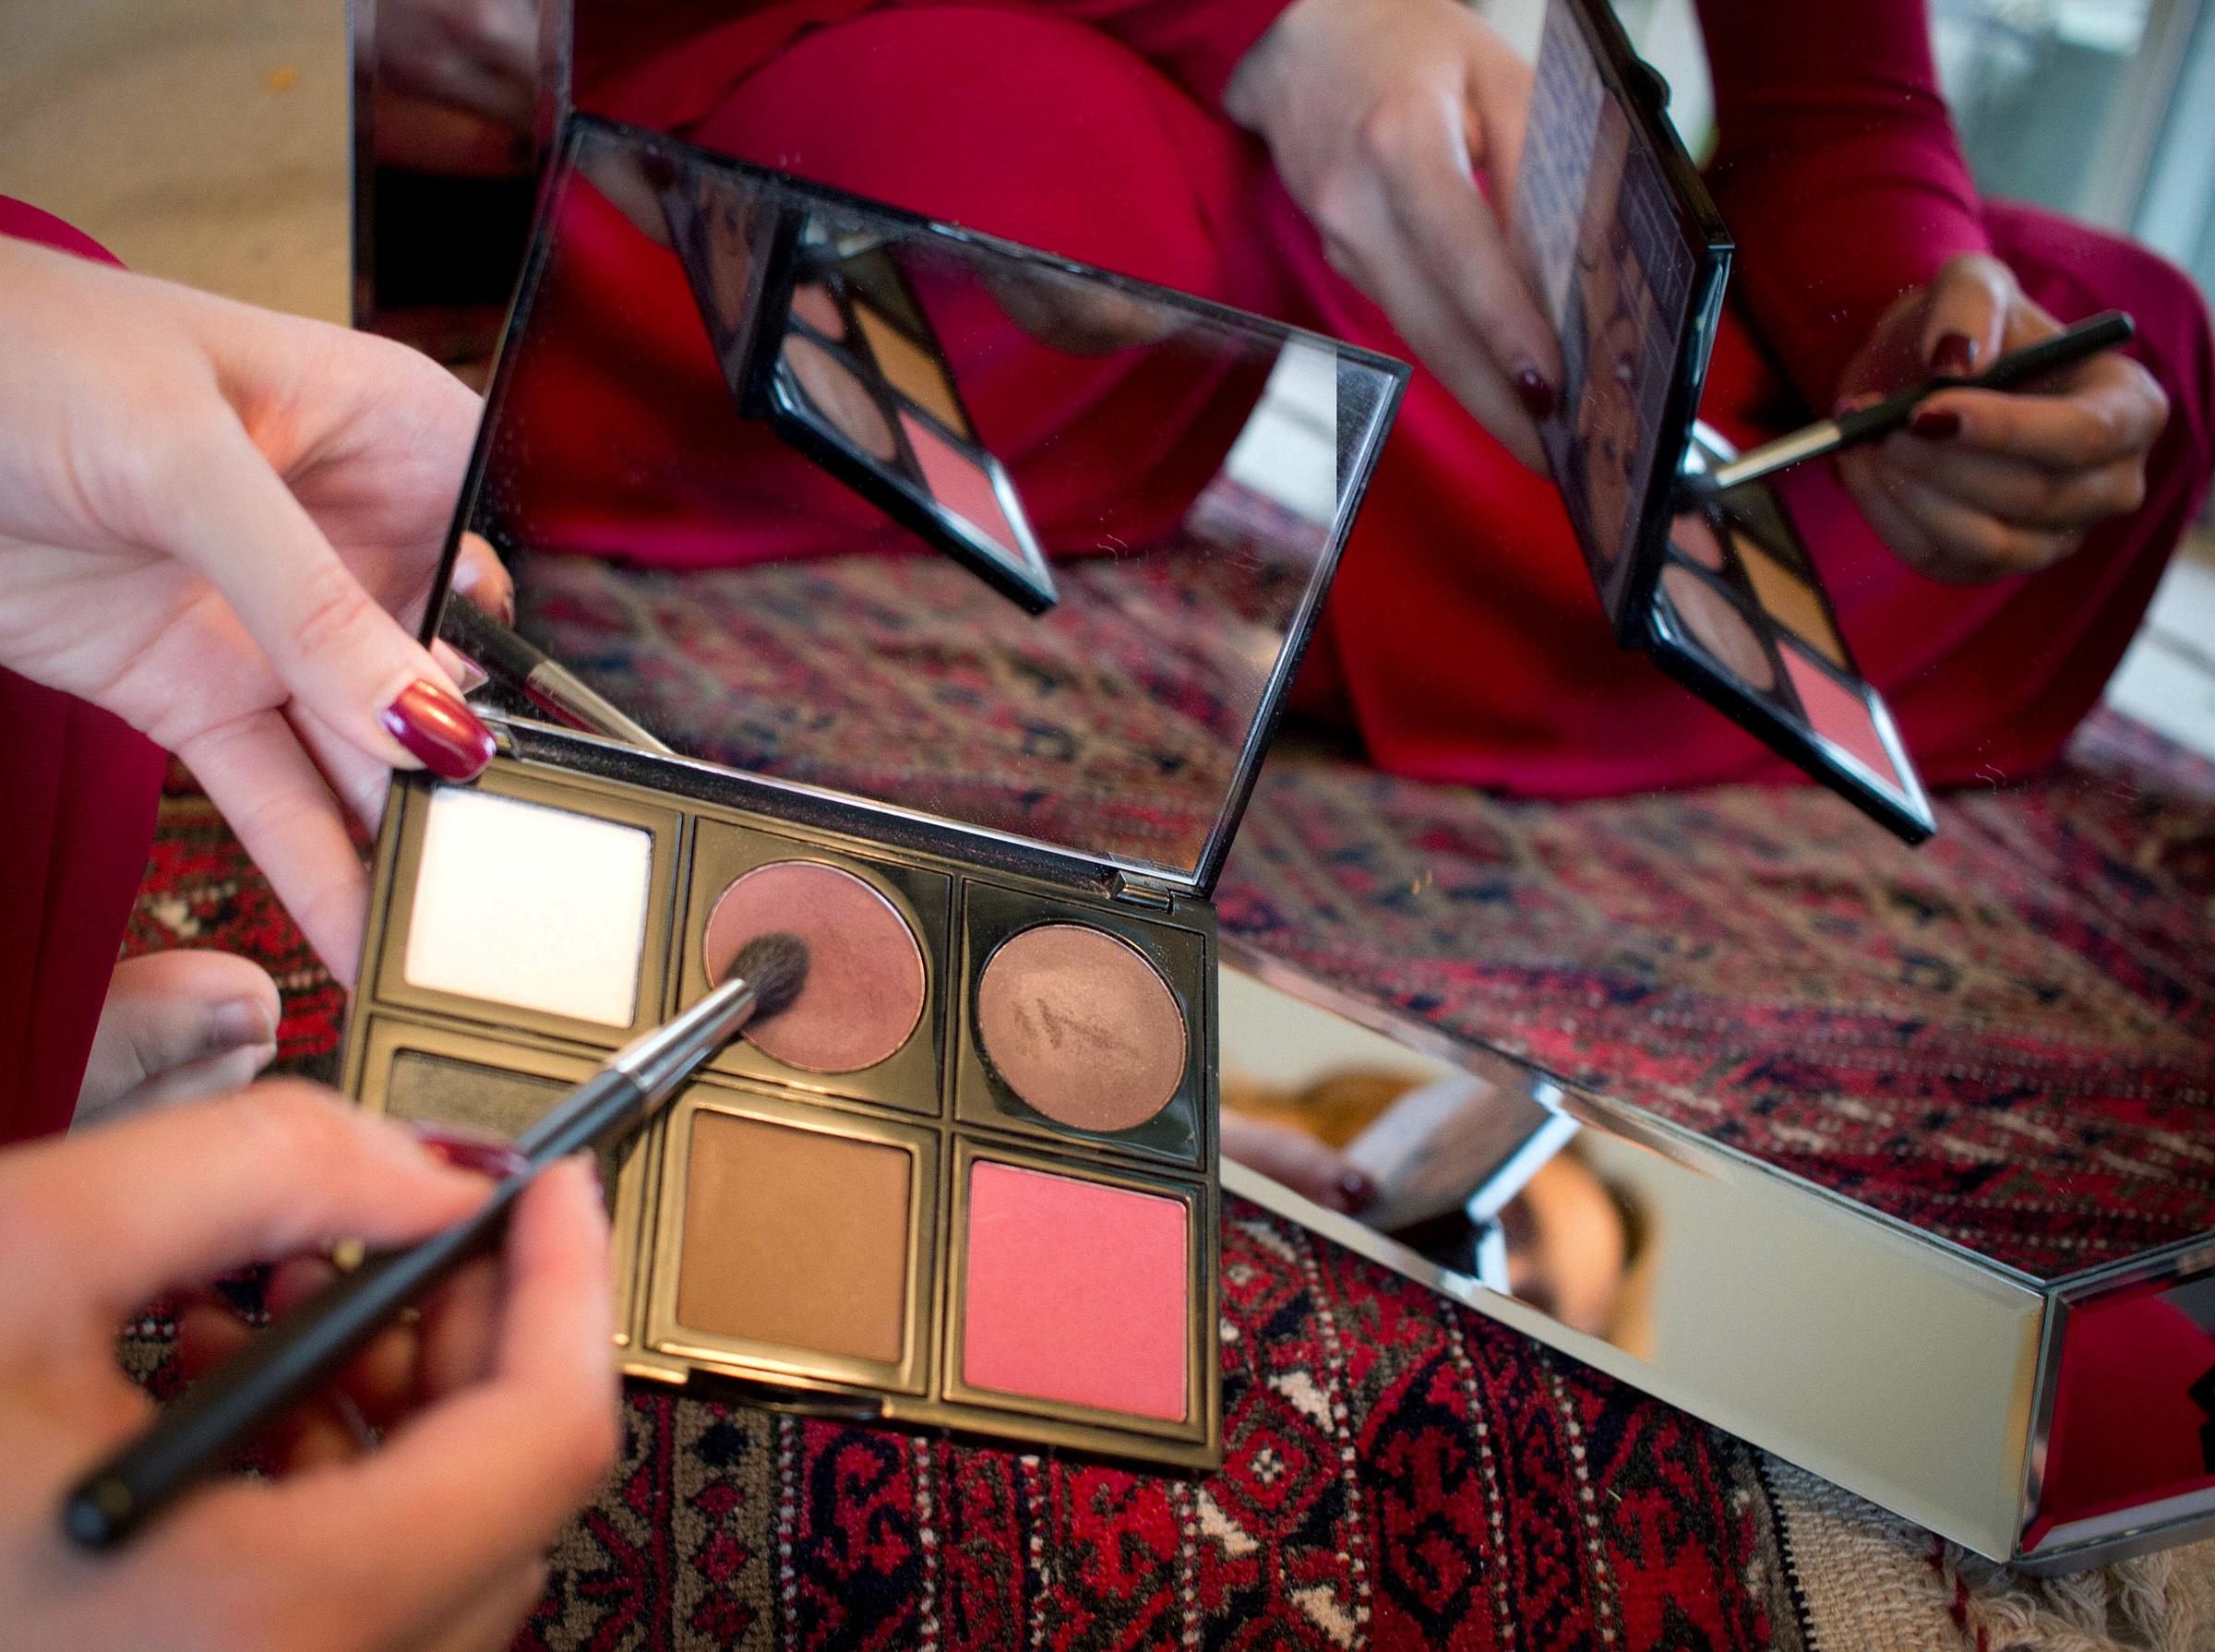 Olivia Wilde's Makeup - Katherine Chloe Cahoon-D